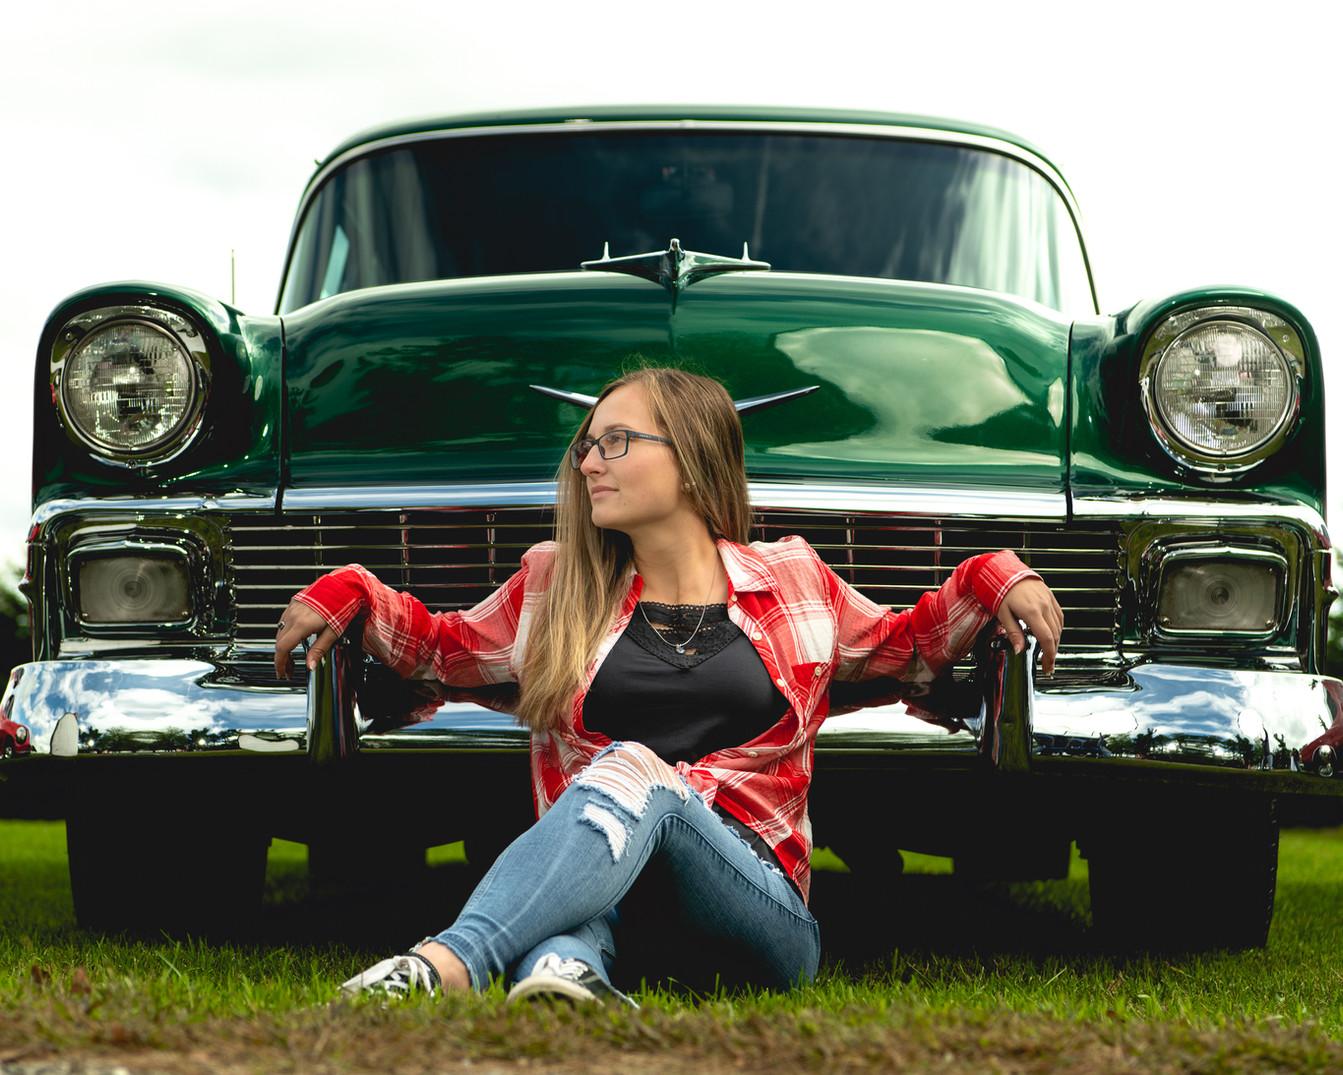 chevy belair 1955 senior girl